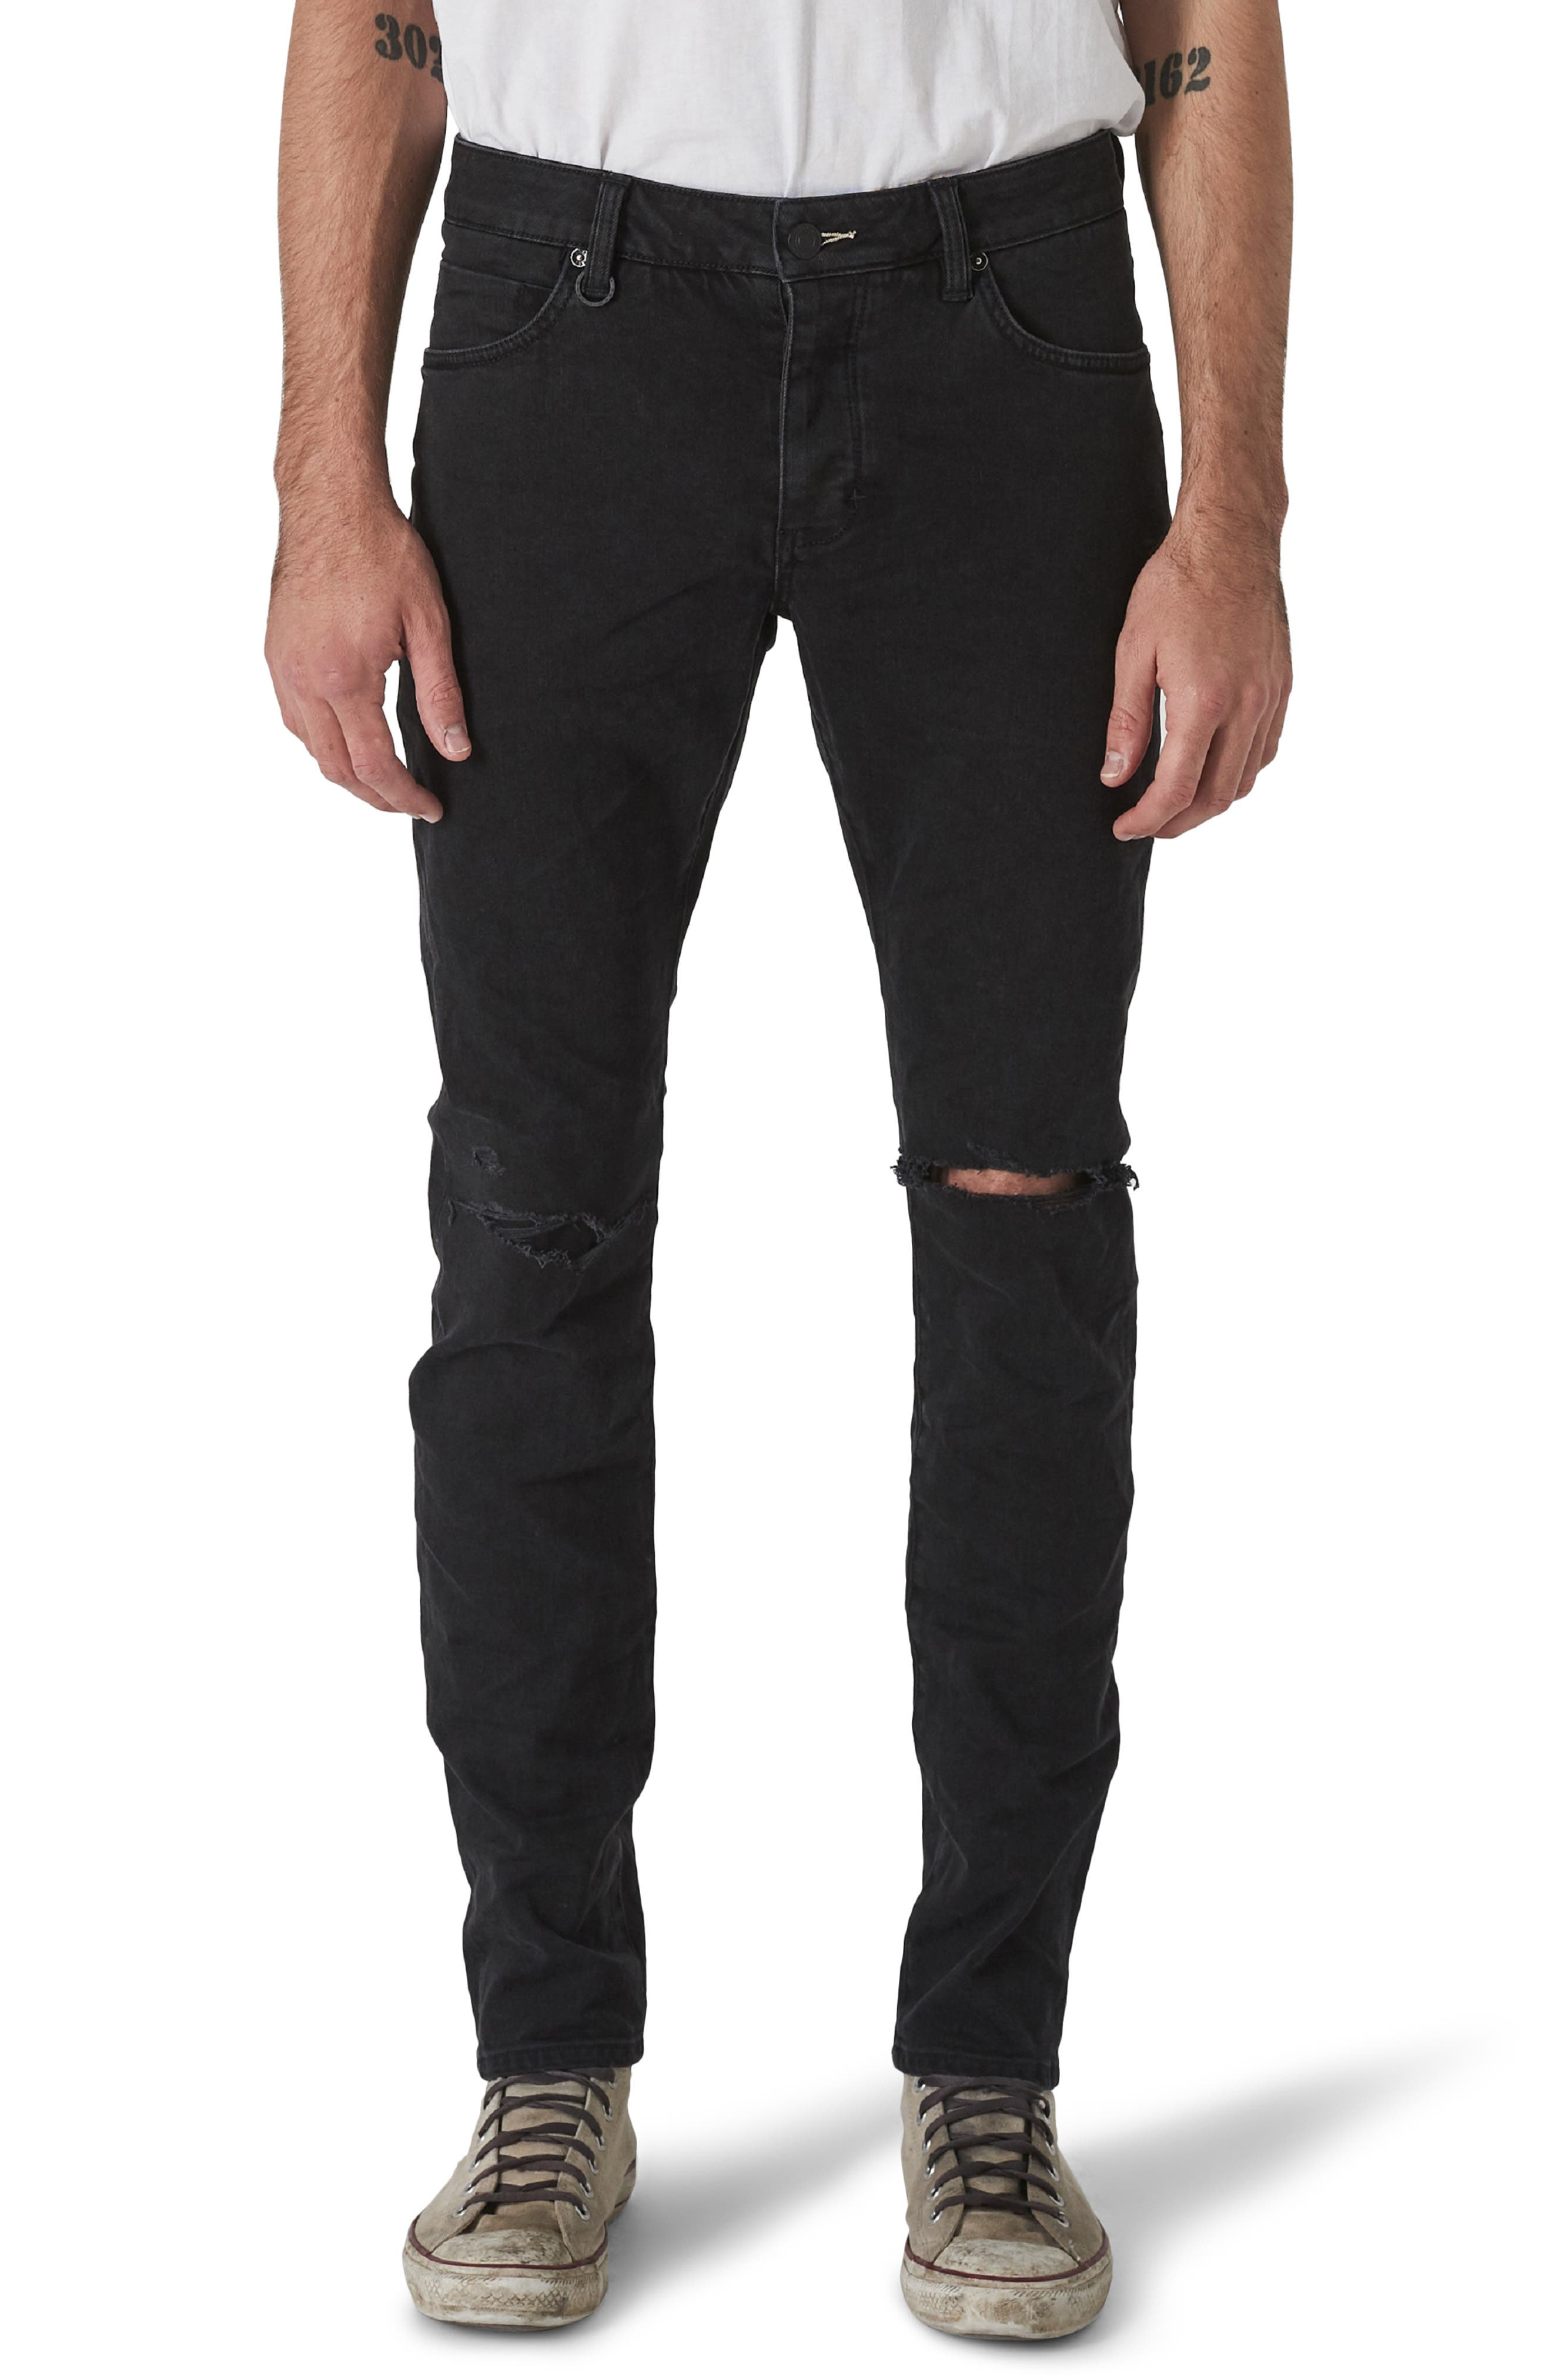 Image of Neuw Iggy Skinny Jeans